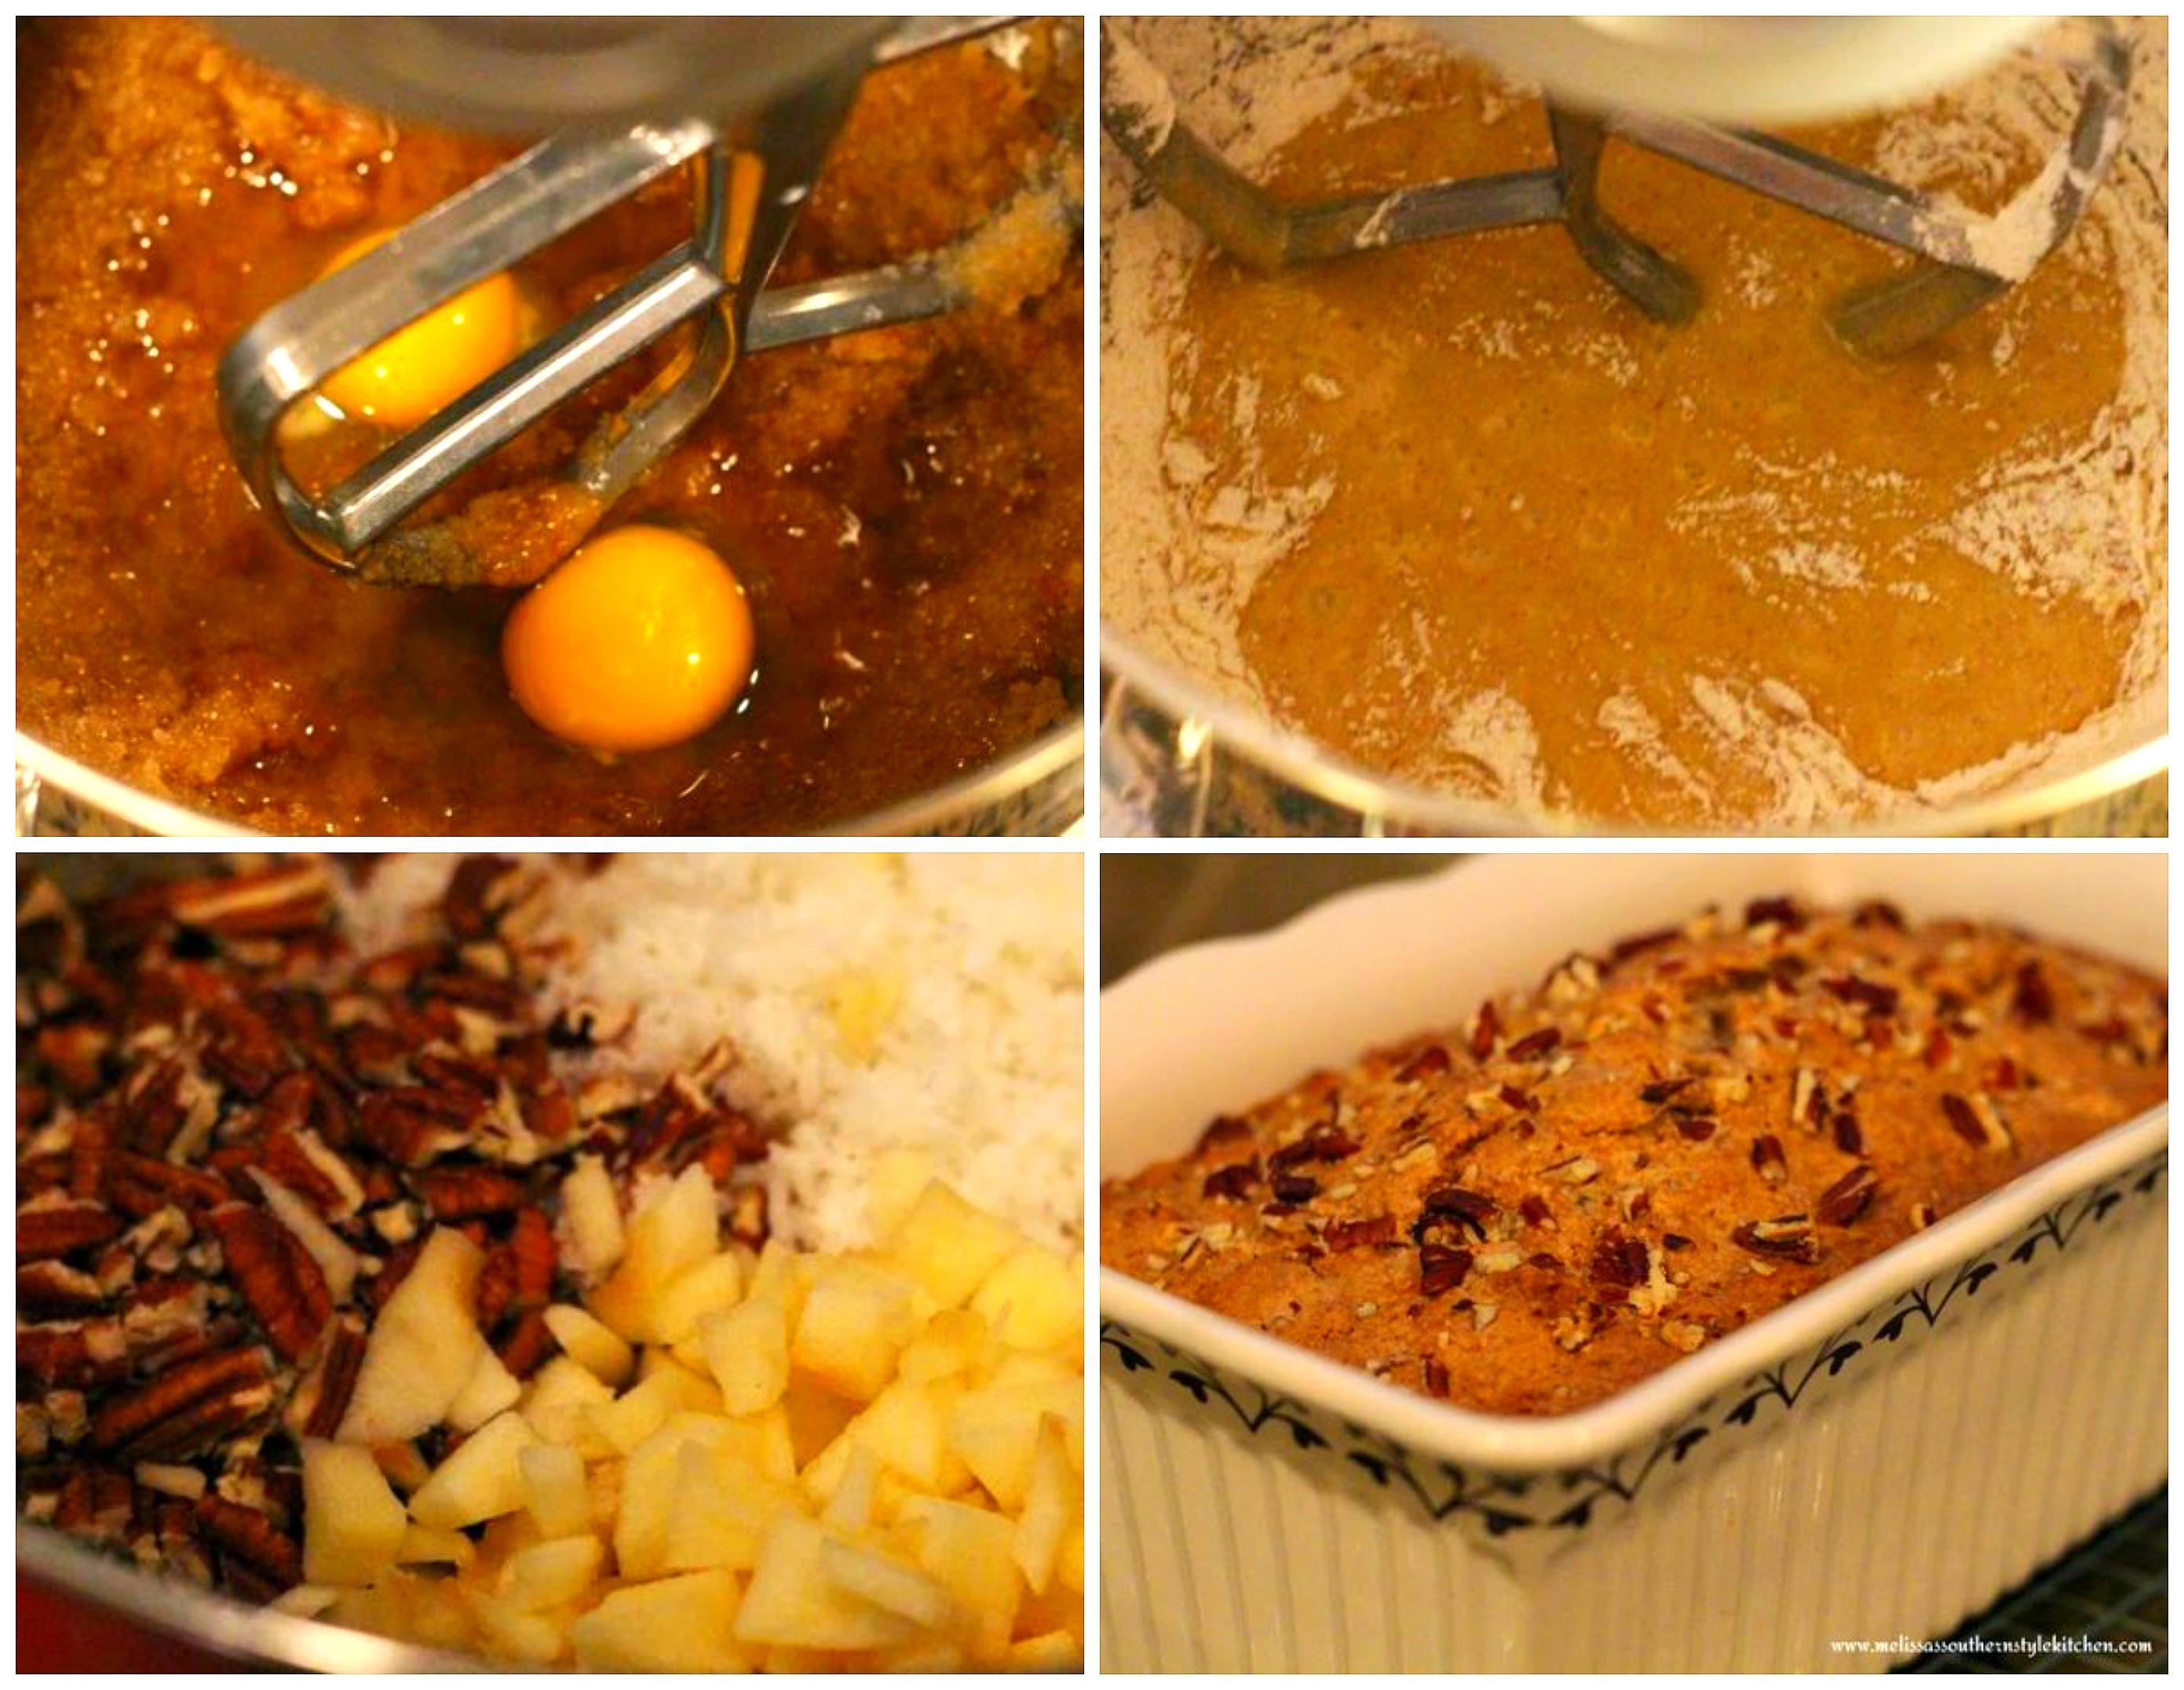 Harvest Apple Bread ingredients